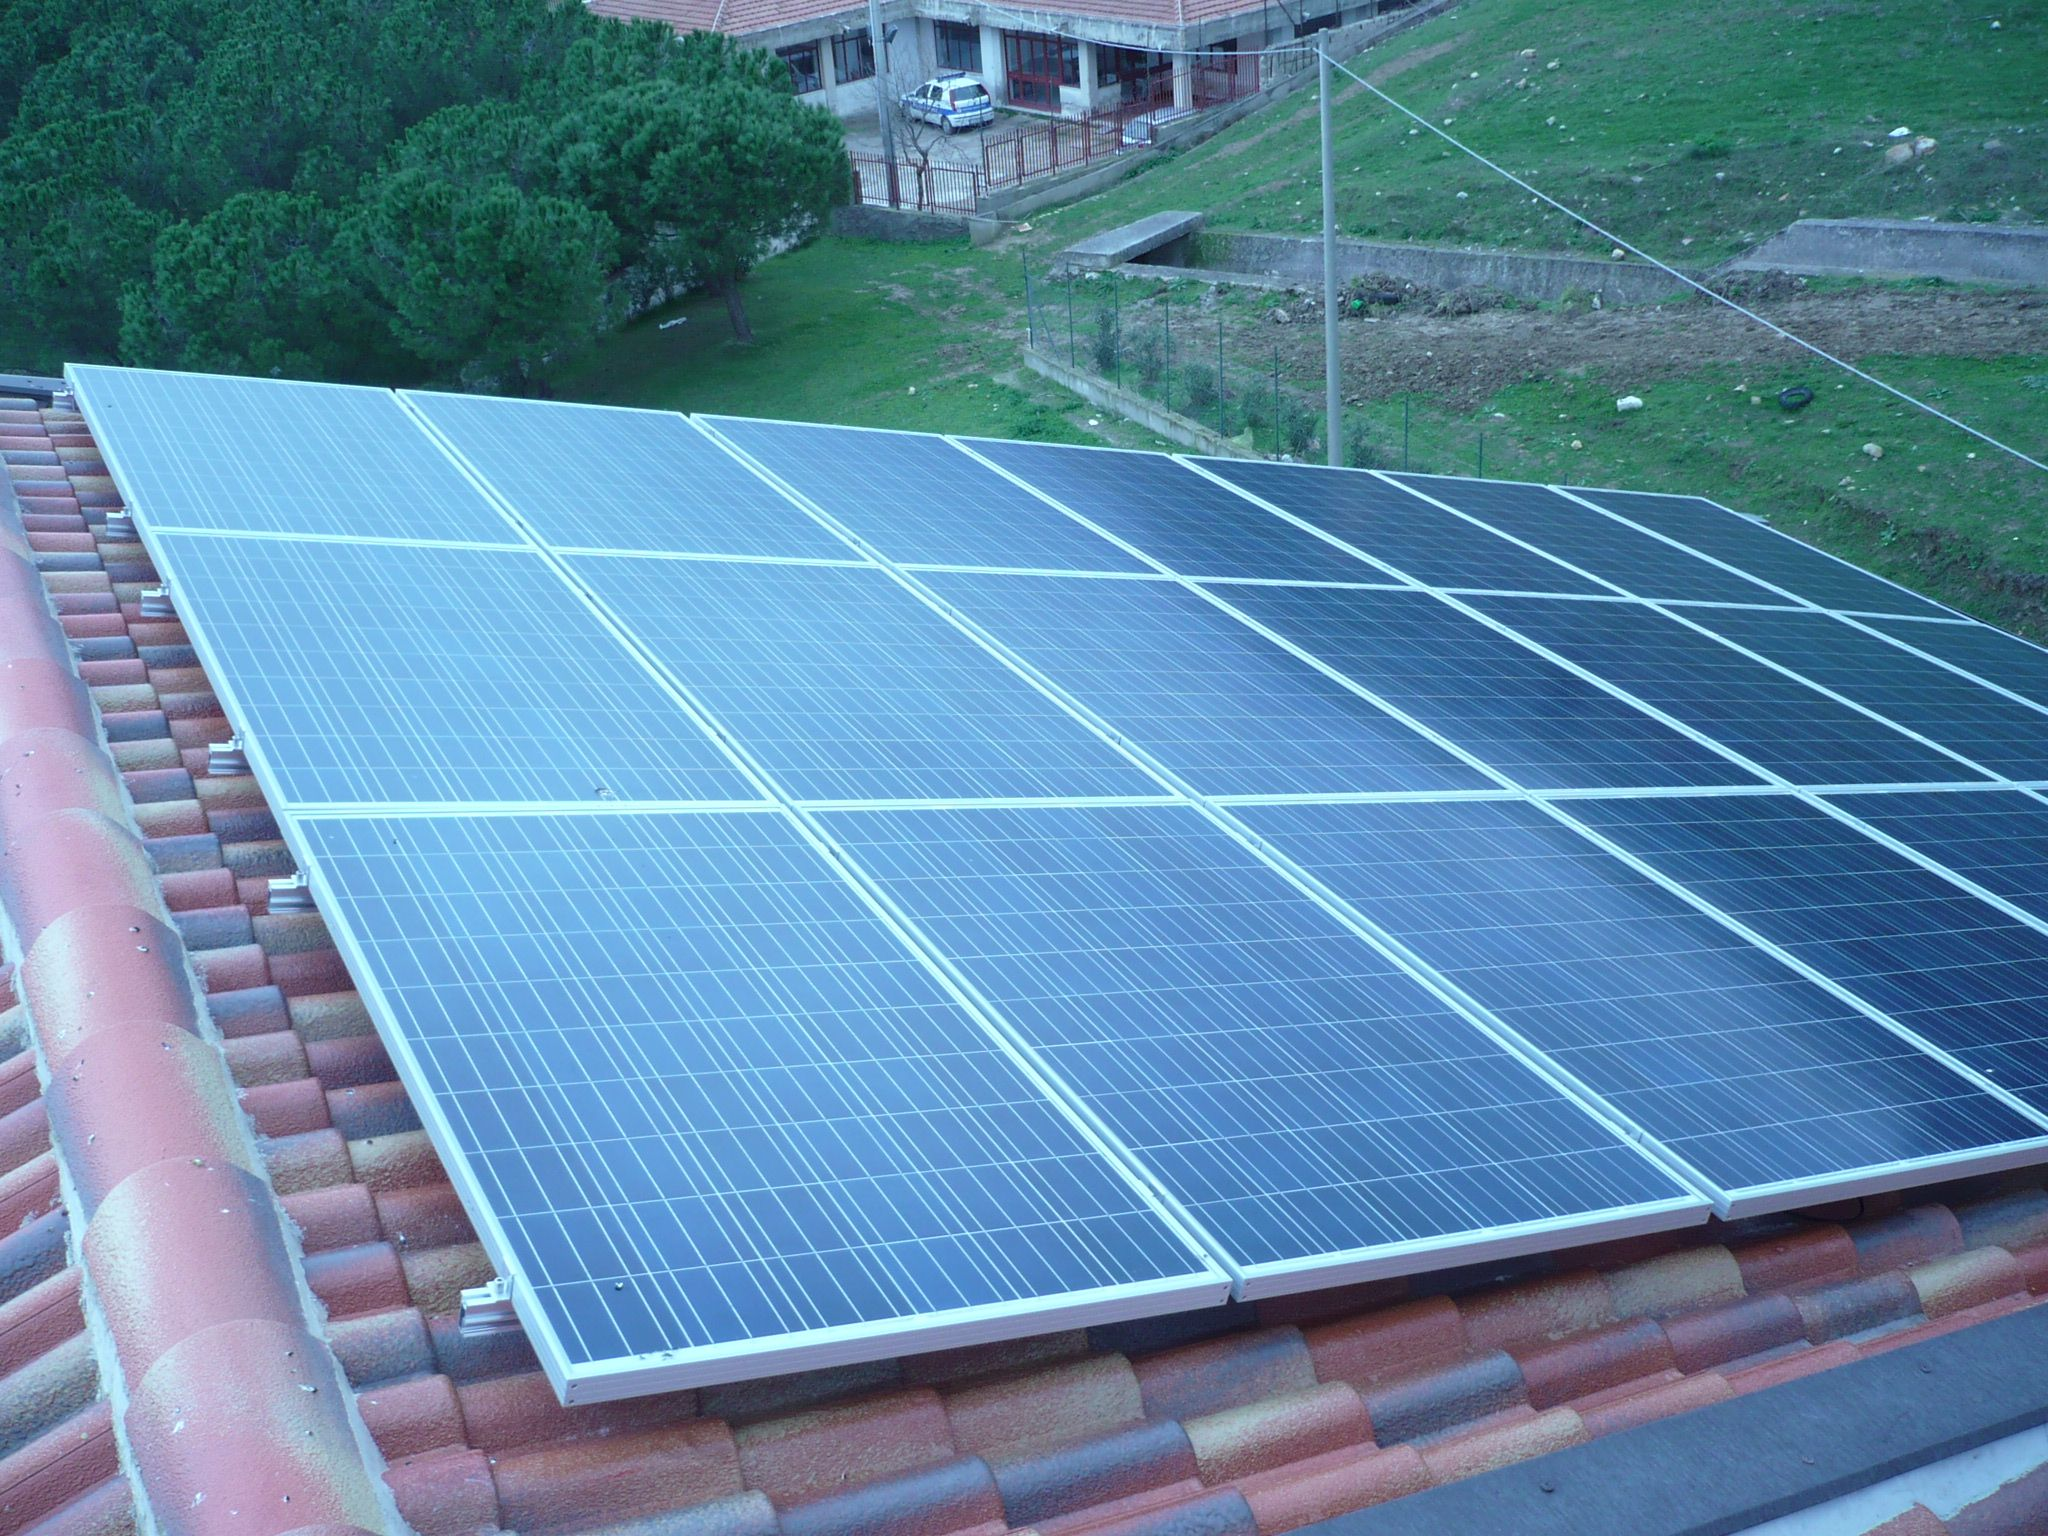 Schema Elettrico Impianto Fotovoltaico 6 Kw : Impianto fotovoltaico da kw installato da medielettra e